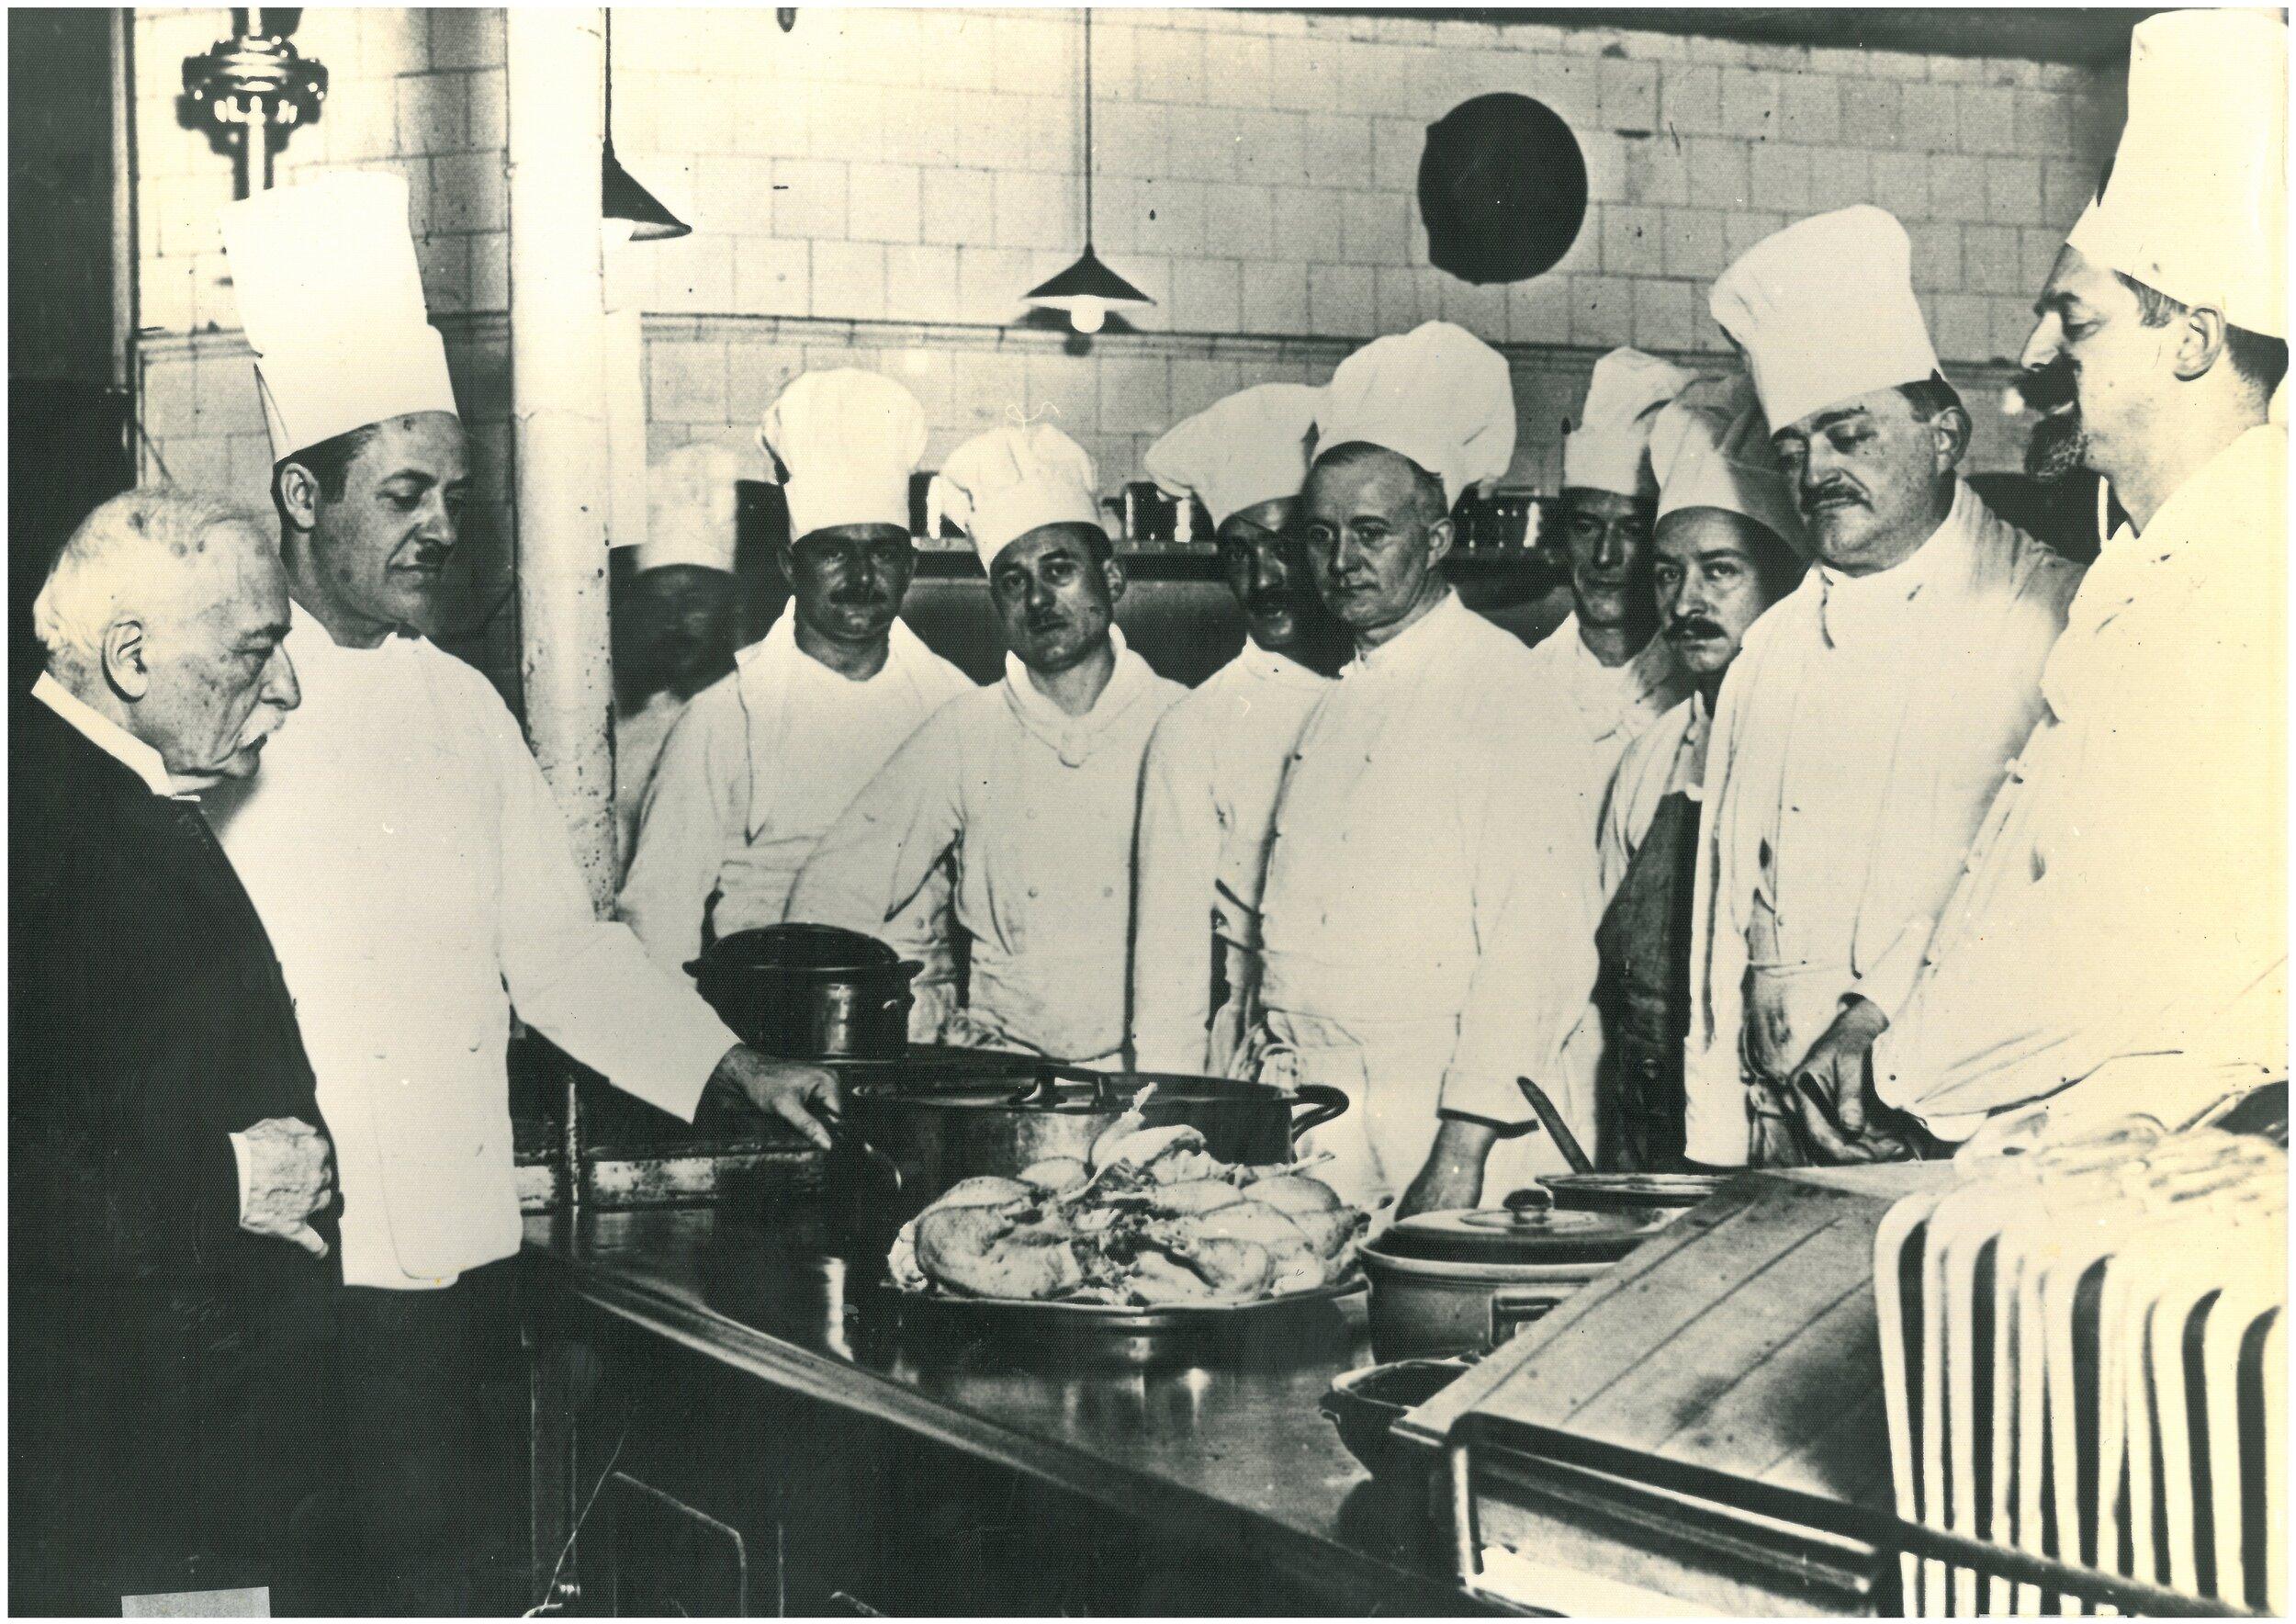 確立「brigade de cuisine」廚房編制系統的法國現代料理之父 Auguste Escoffier(左一)與他在 倫敦 Carlton 飯店 的廚房團隊。(圖片來源: Auguste Escoffier School of Culinary Arts Home Gourmet )